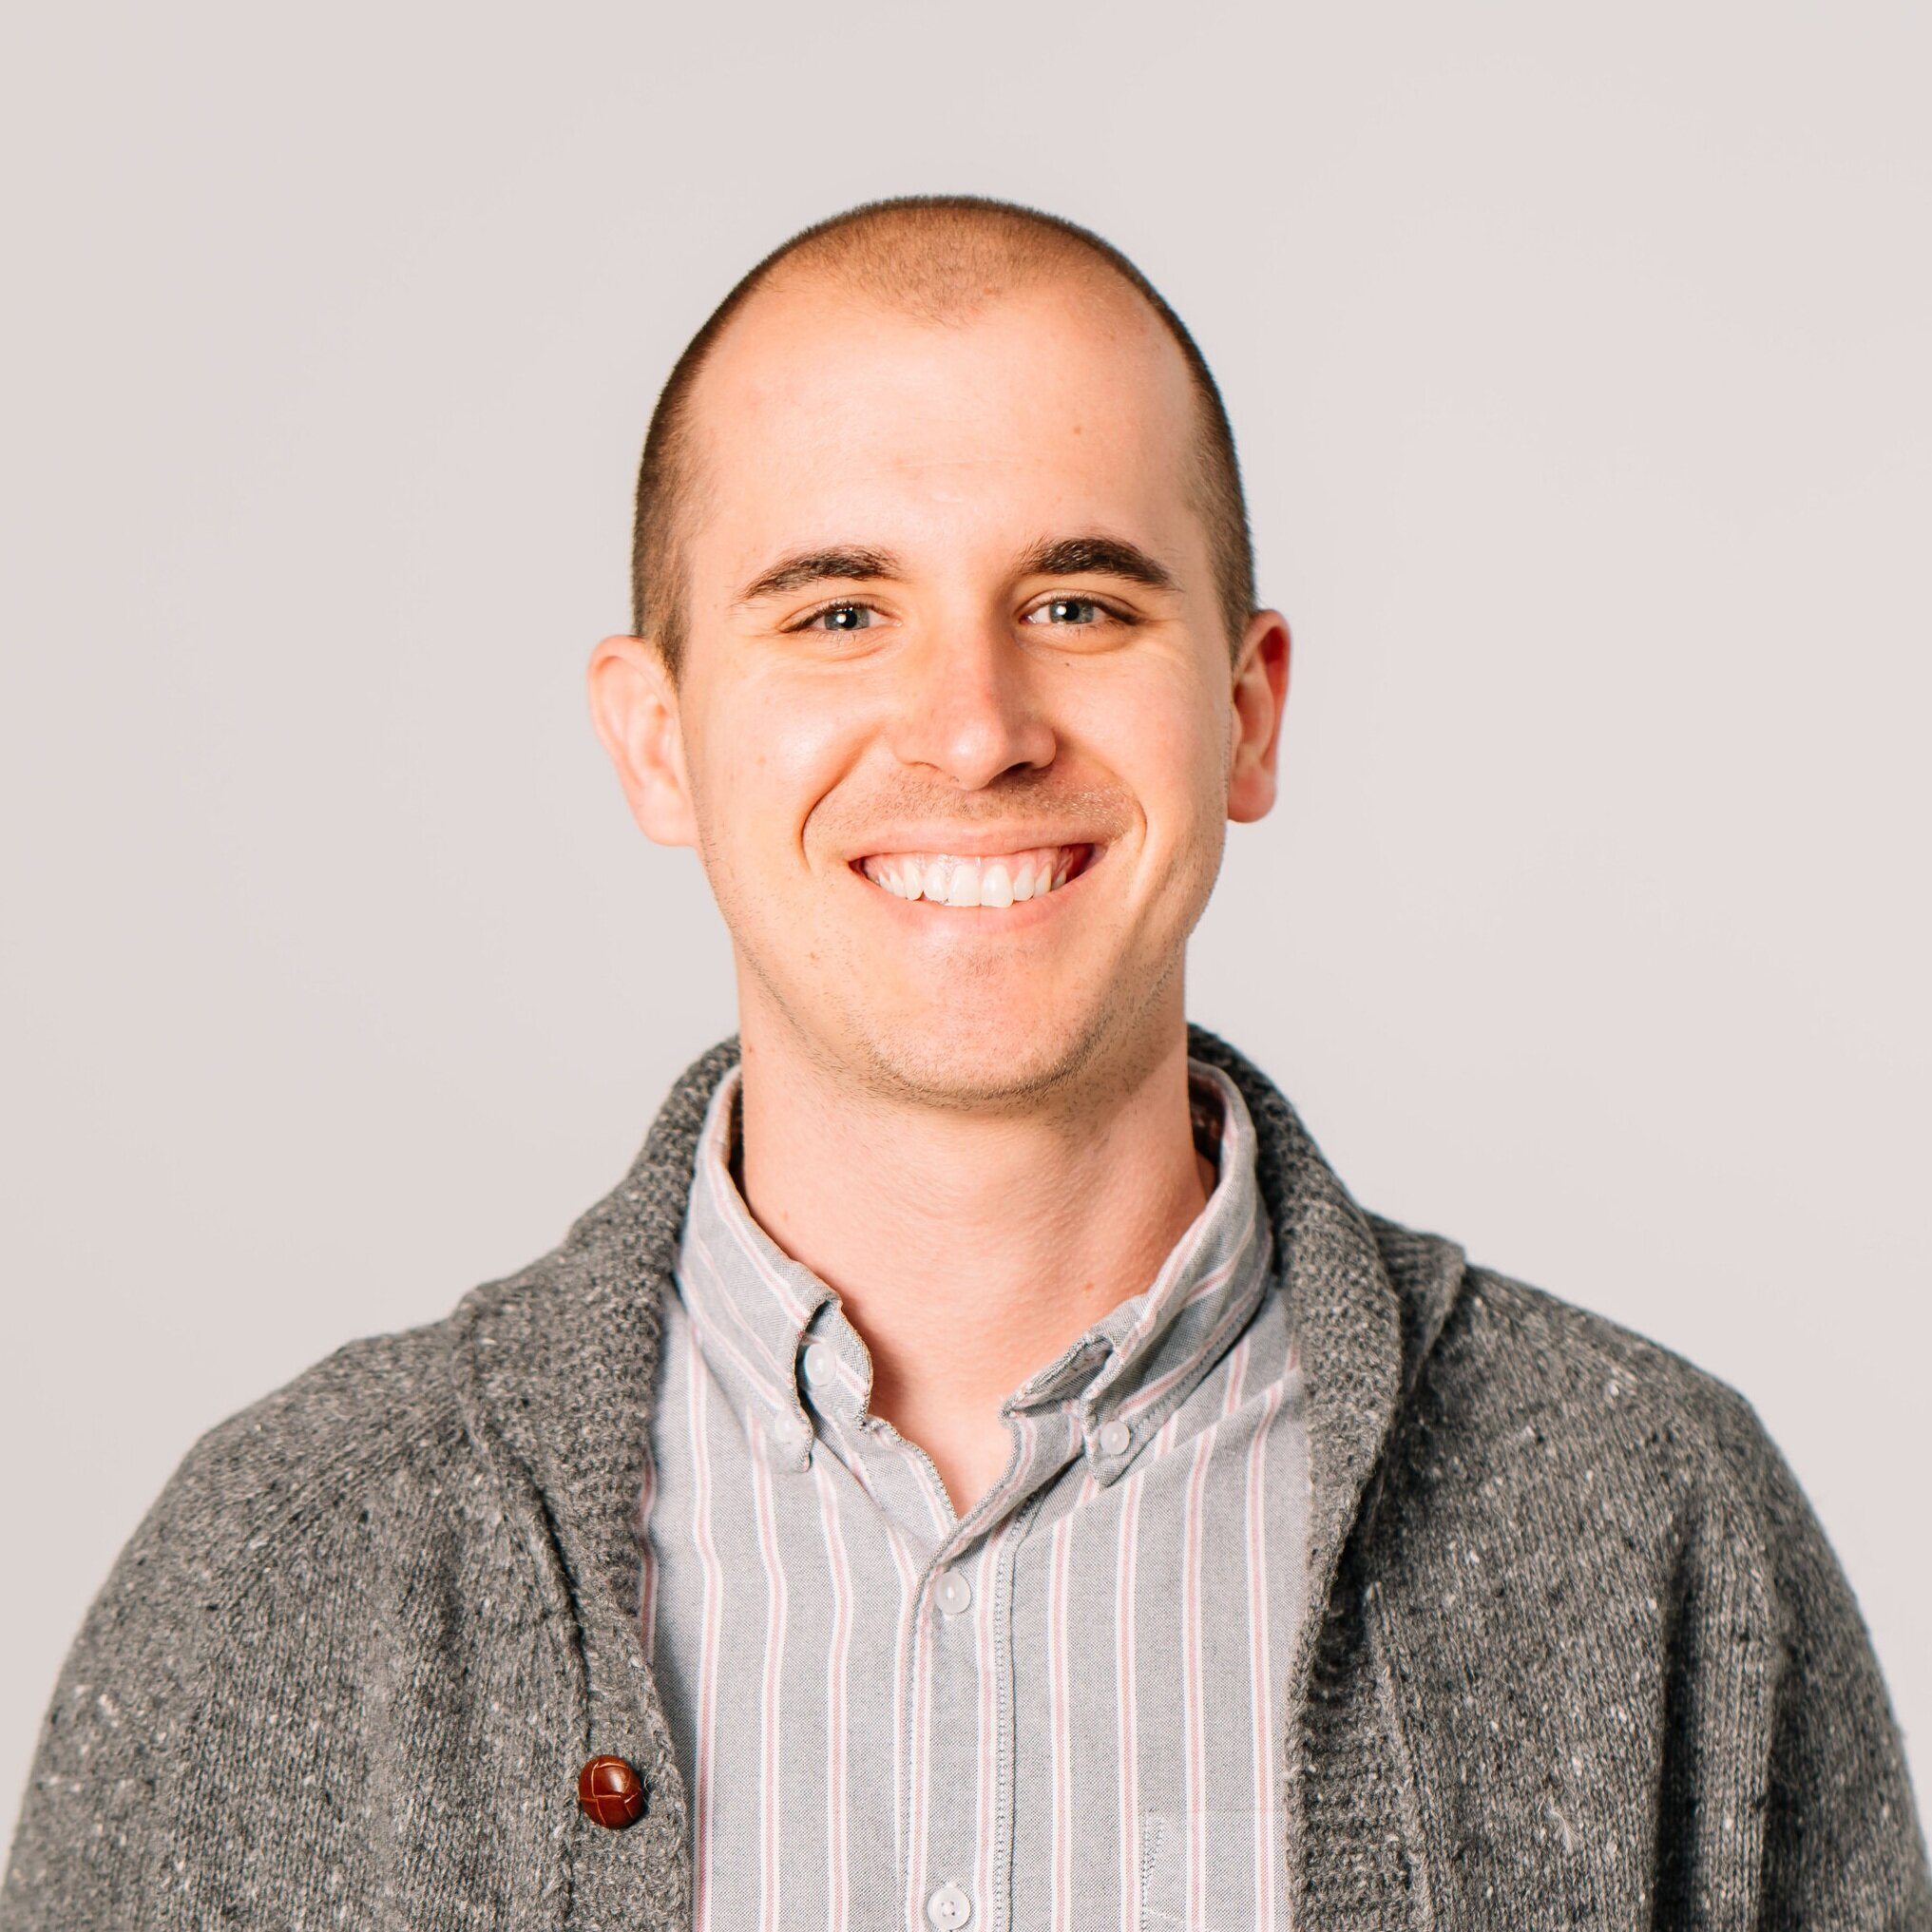 Chris Schneider